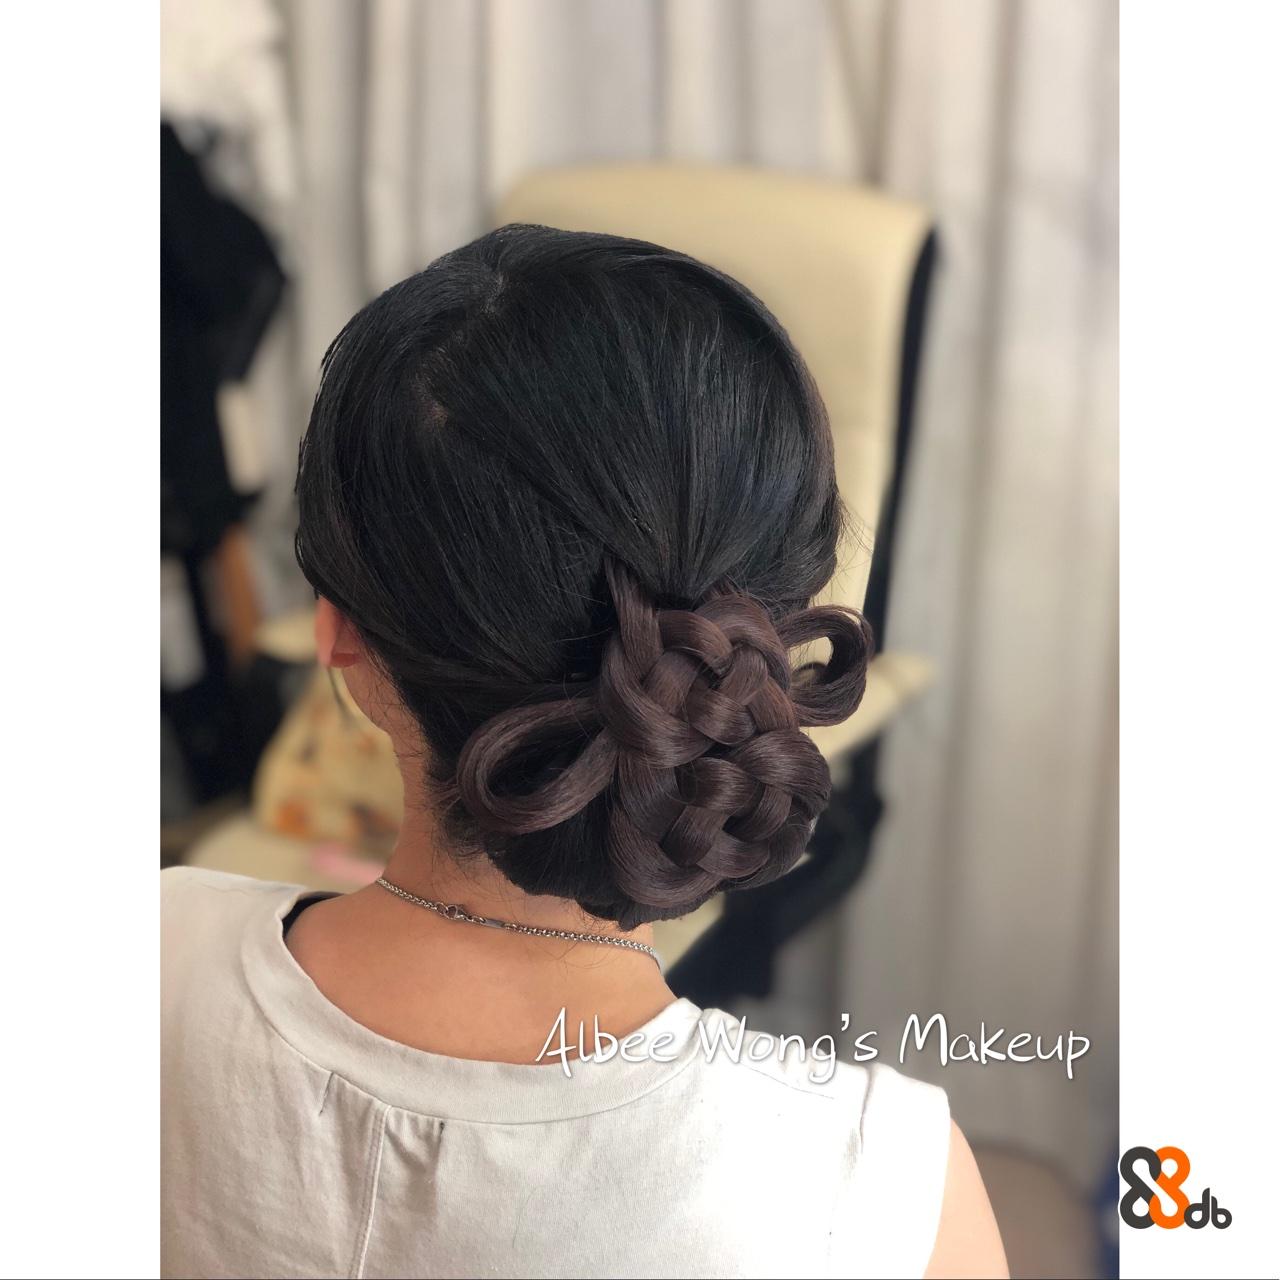 4bee Mong's Makeup  Hair,Hairstyle,Chignon,Bun,Black hair